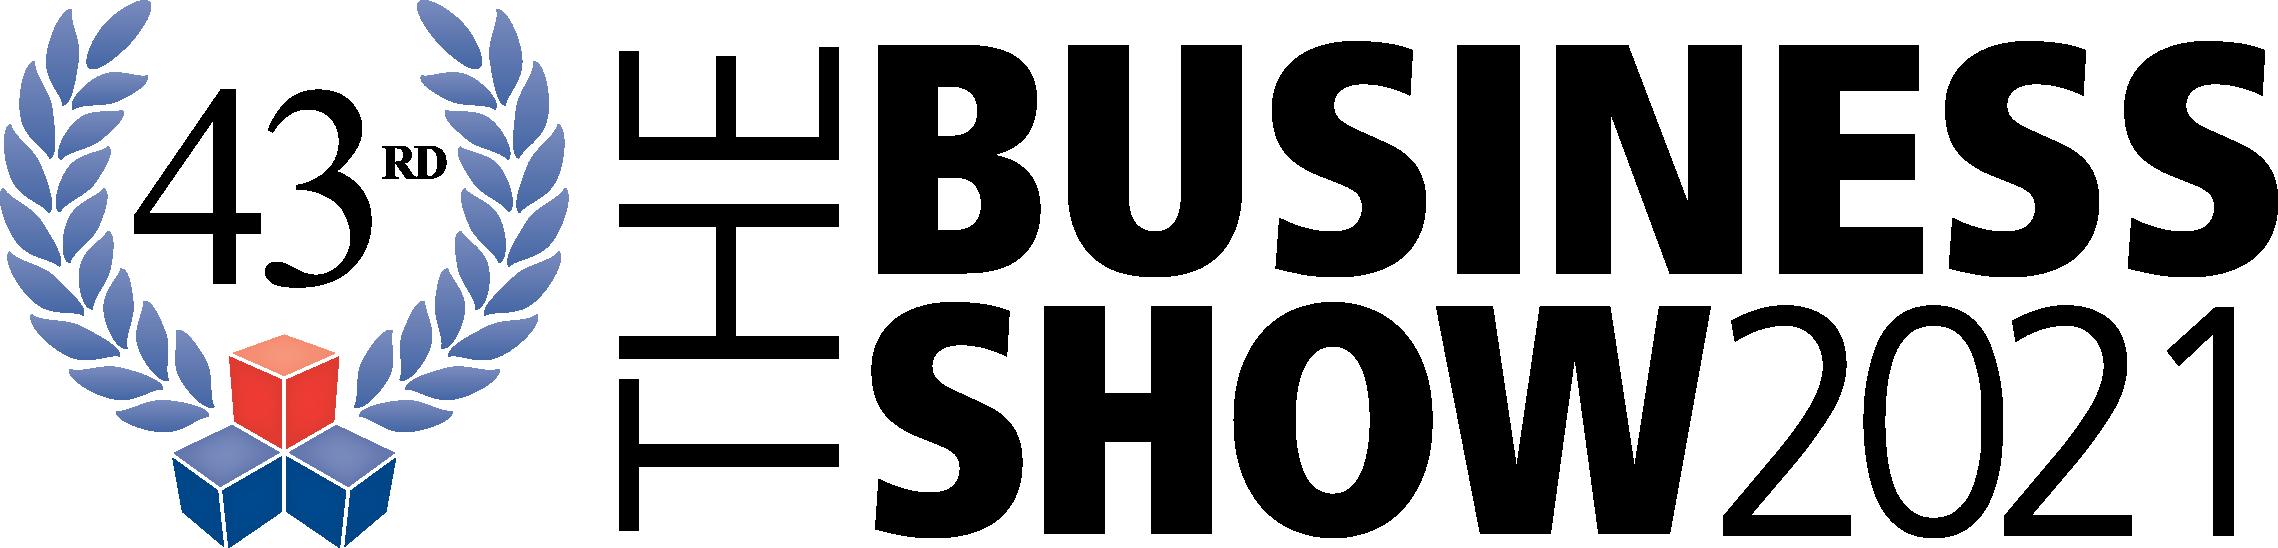 Utilitrack Ltd -  Franchise